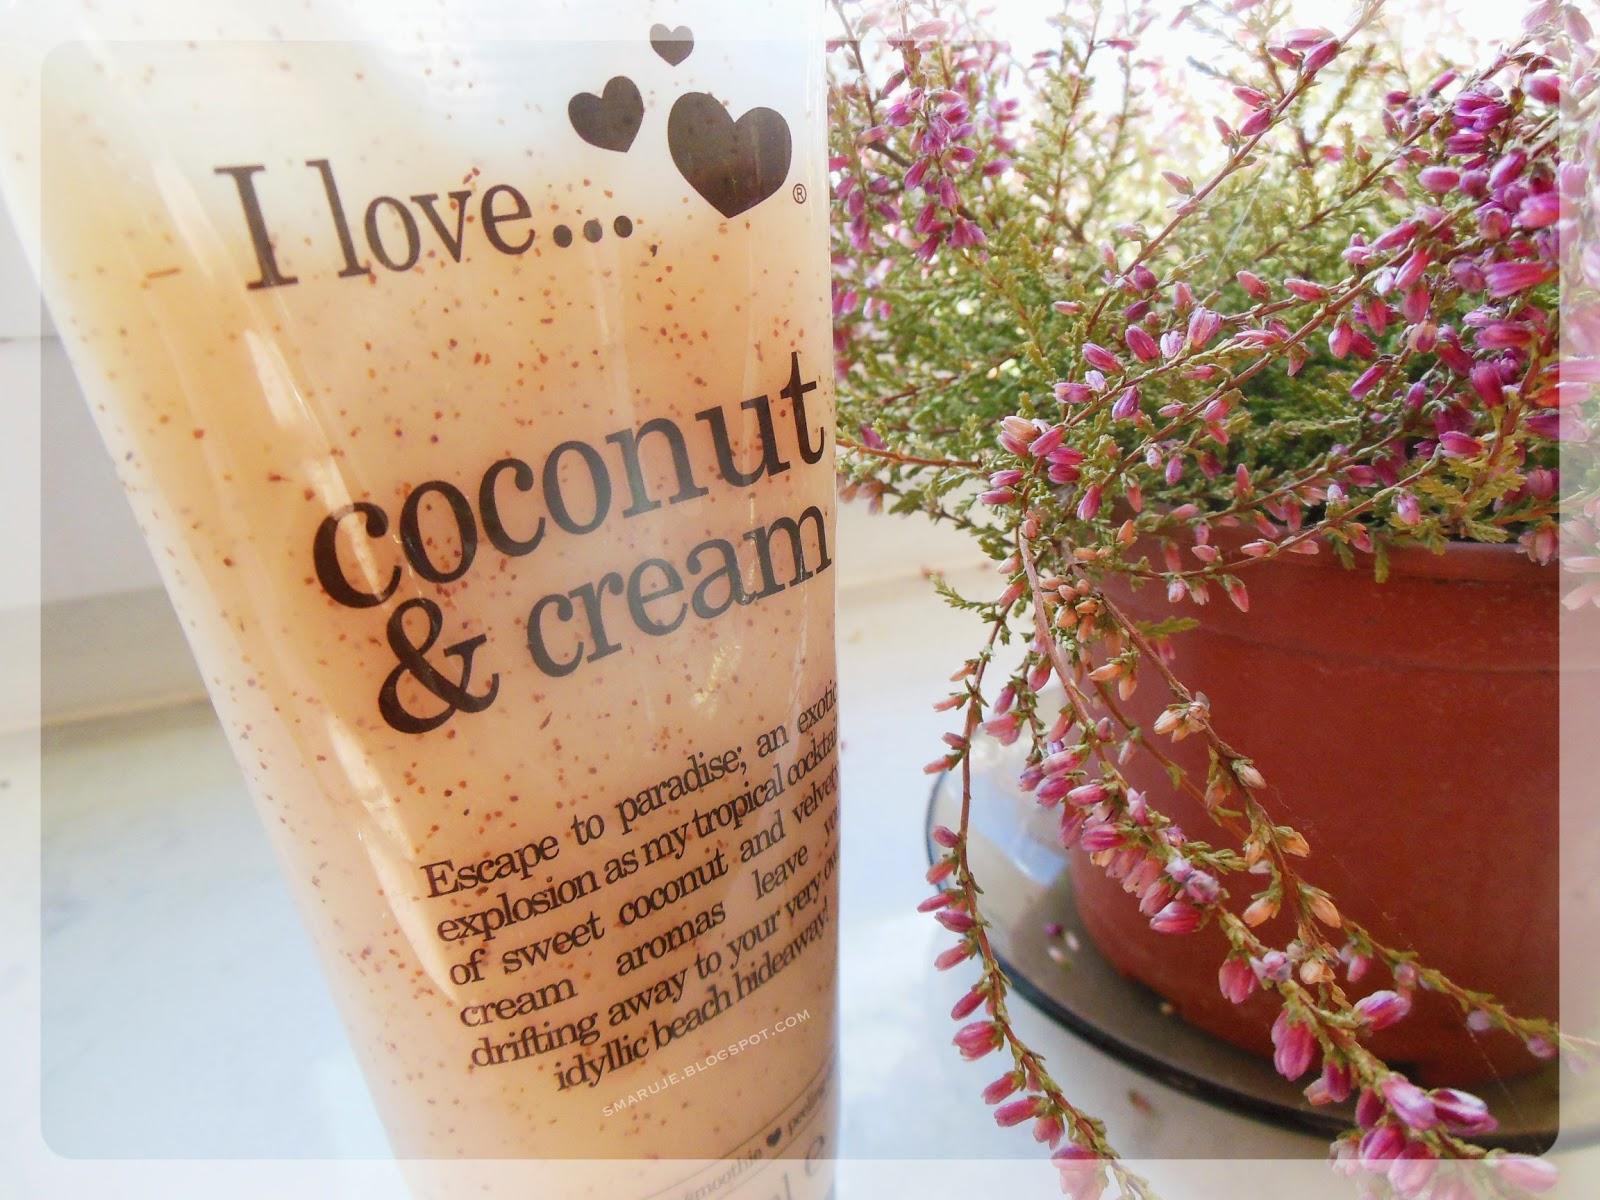 Ile jest peelingu w peelingu? I Love... Coconut & Cream – peeling myjący [recenzja]